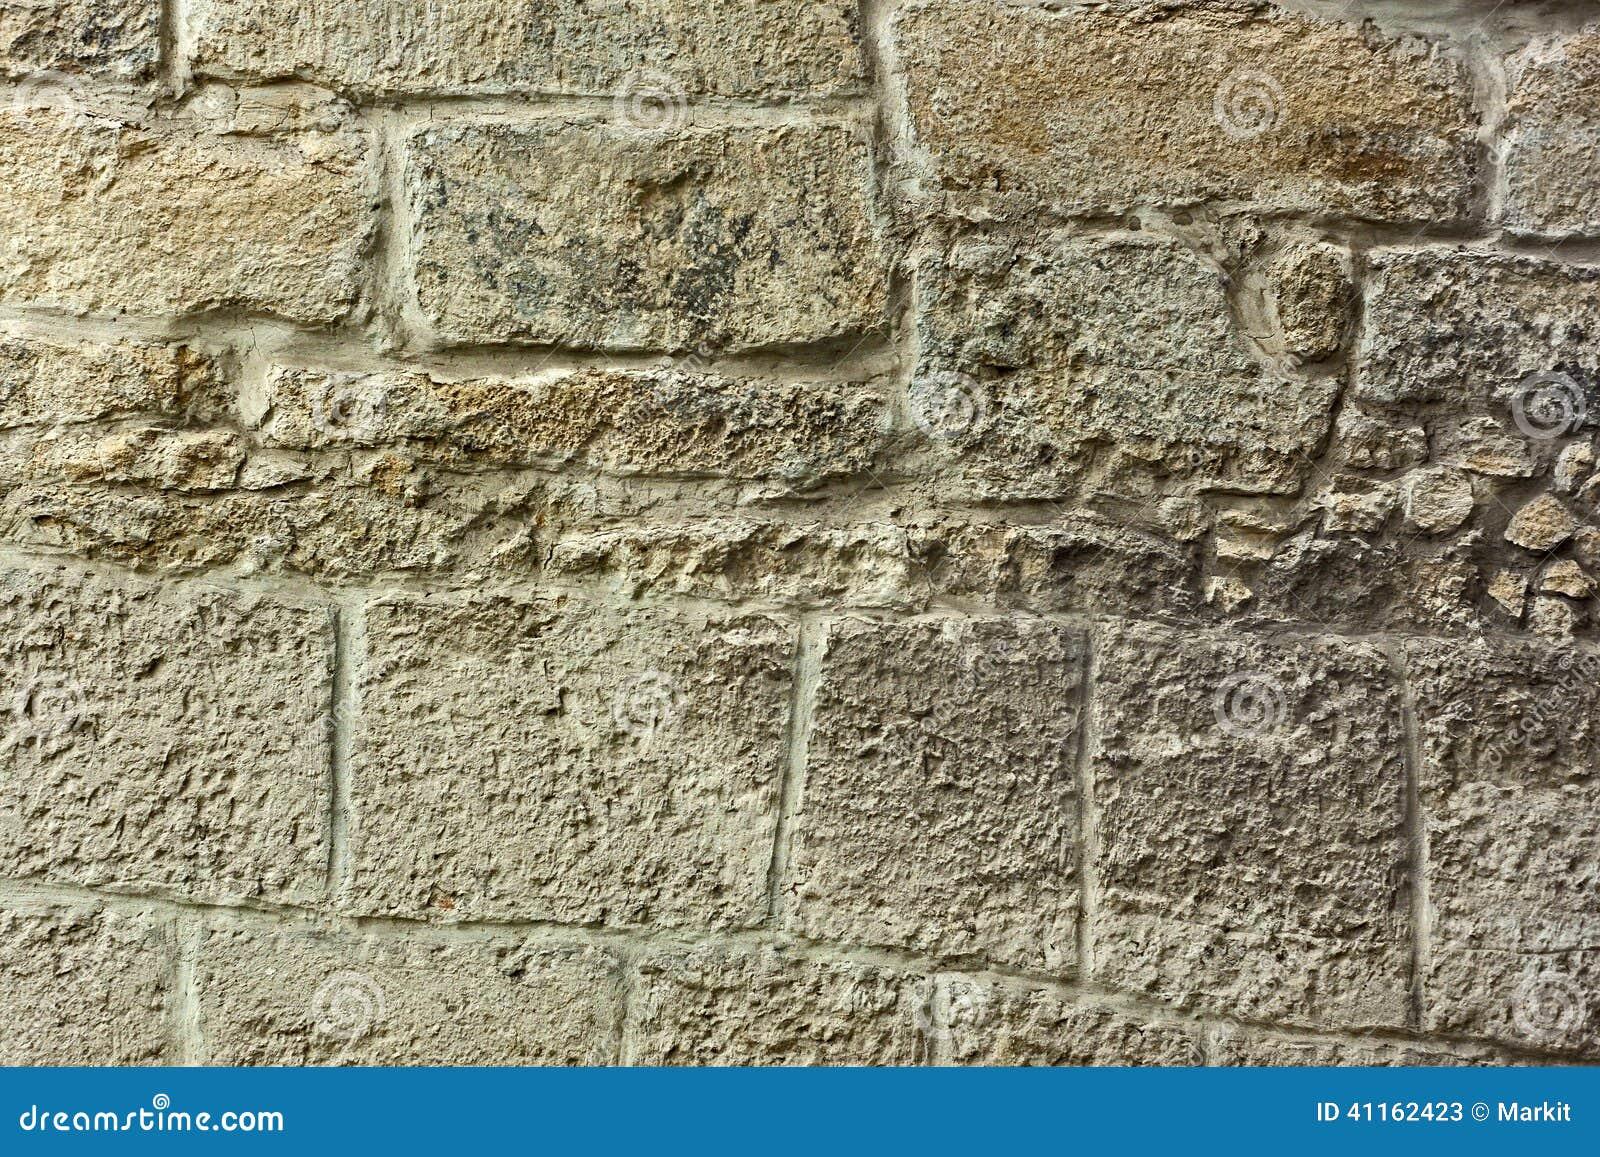 Dettaglio di vecchia parete di pietra